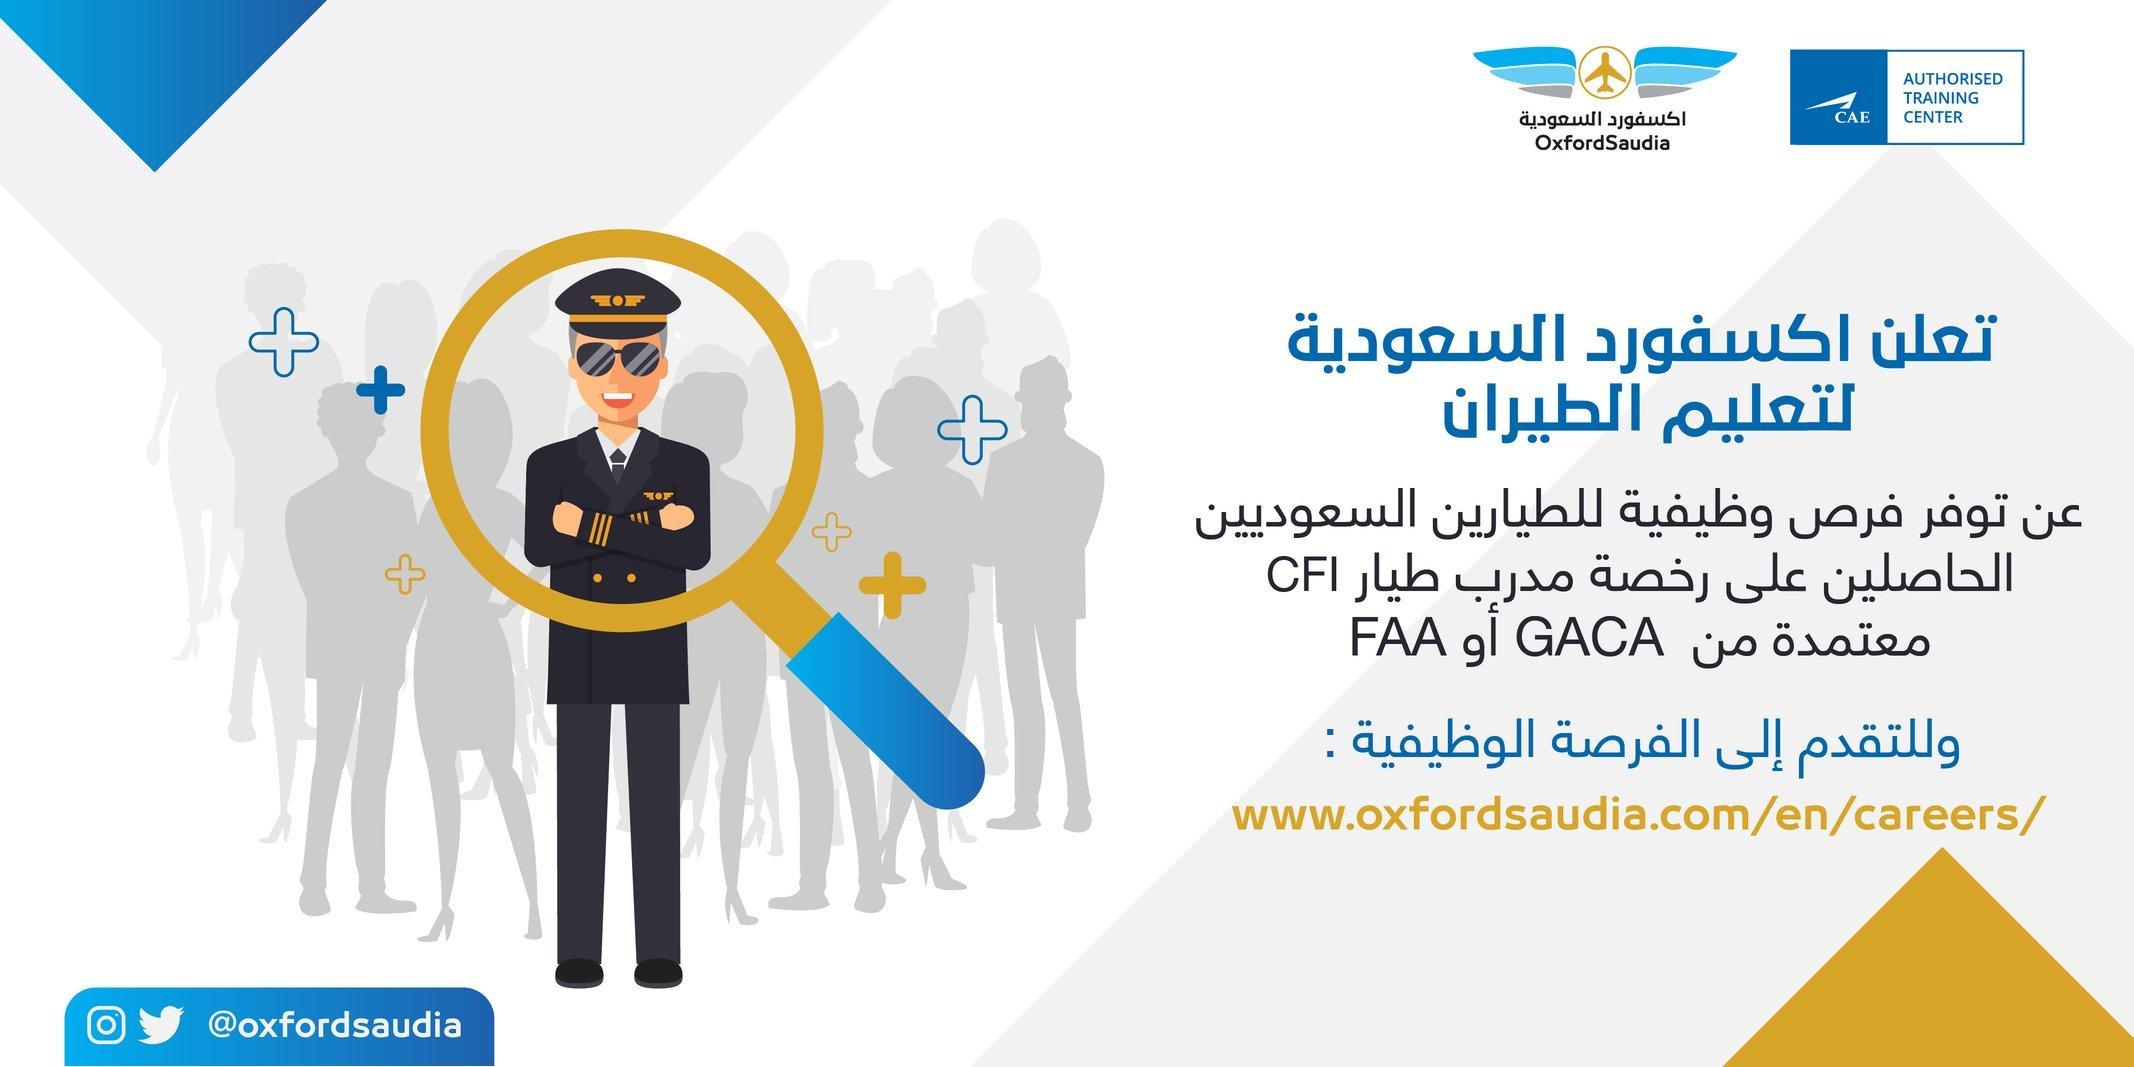 تعلن #اكسفورد_السعودية لتعليم الطيران عن توفر فرص وظيفية للطيارين (السعوديين) الحاصلين على رخصة مدرب طيار CFI معتمدة من GACA أو FAA.  للتقدم: https://t.co/51M7ajzZ0T   #وظائف_شاغرة  #تعليم_الطيران